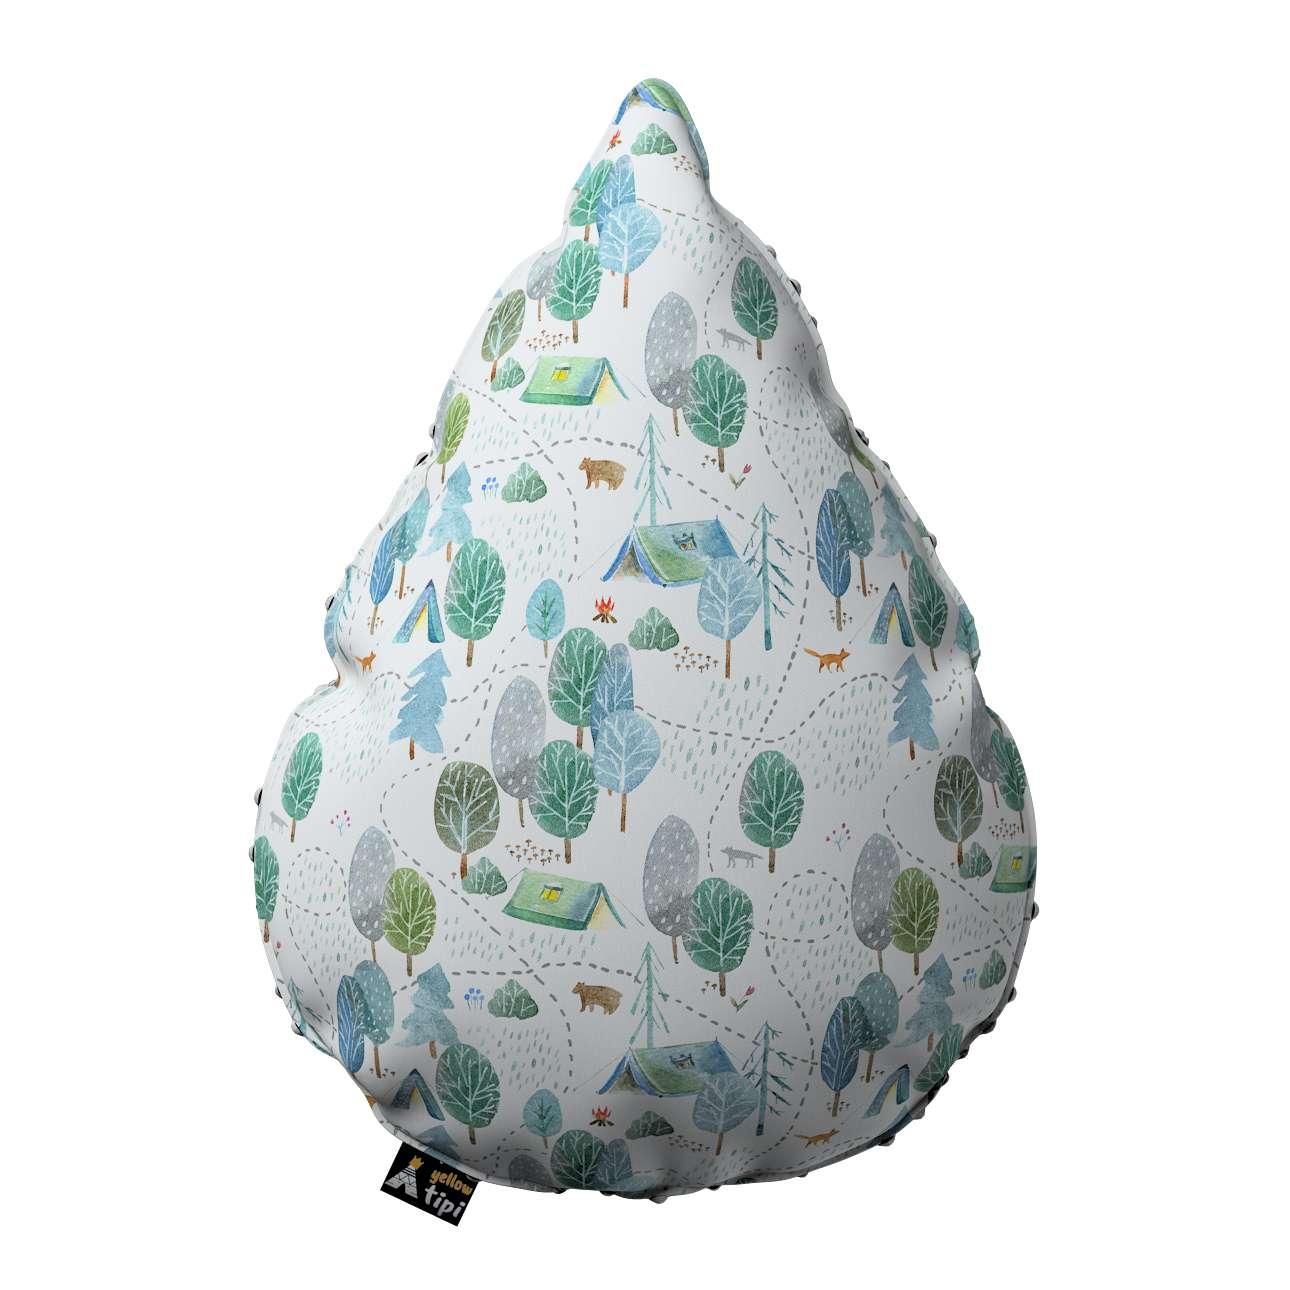 Kissen Sweet Drop aus Minky von der Kollektion Magic Collection, Stoff: 500-21